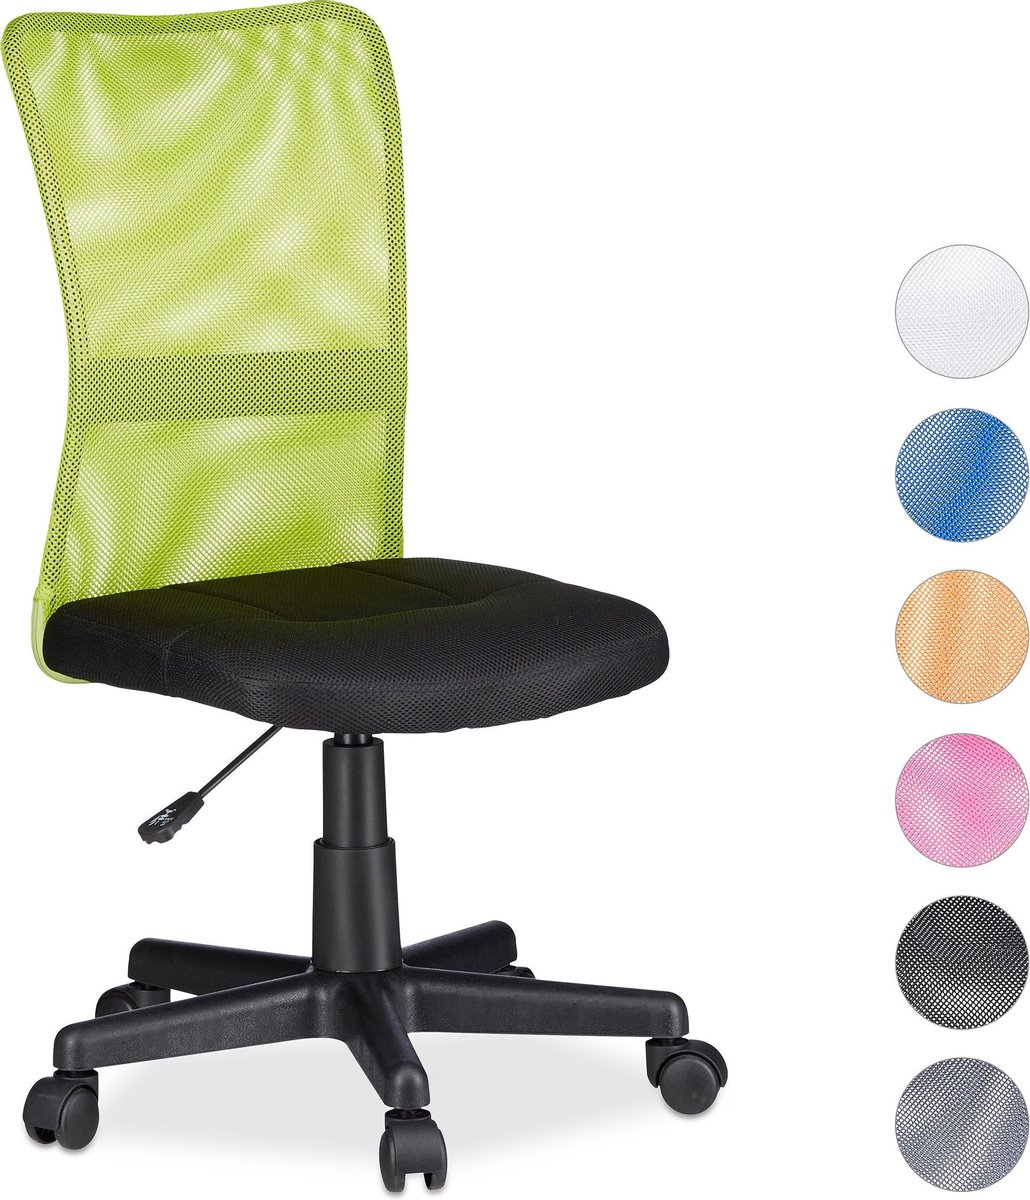 Relaxdays Bureaustoel voor kinderen - Ergonomisch - 90kg - Groen